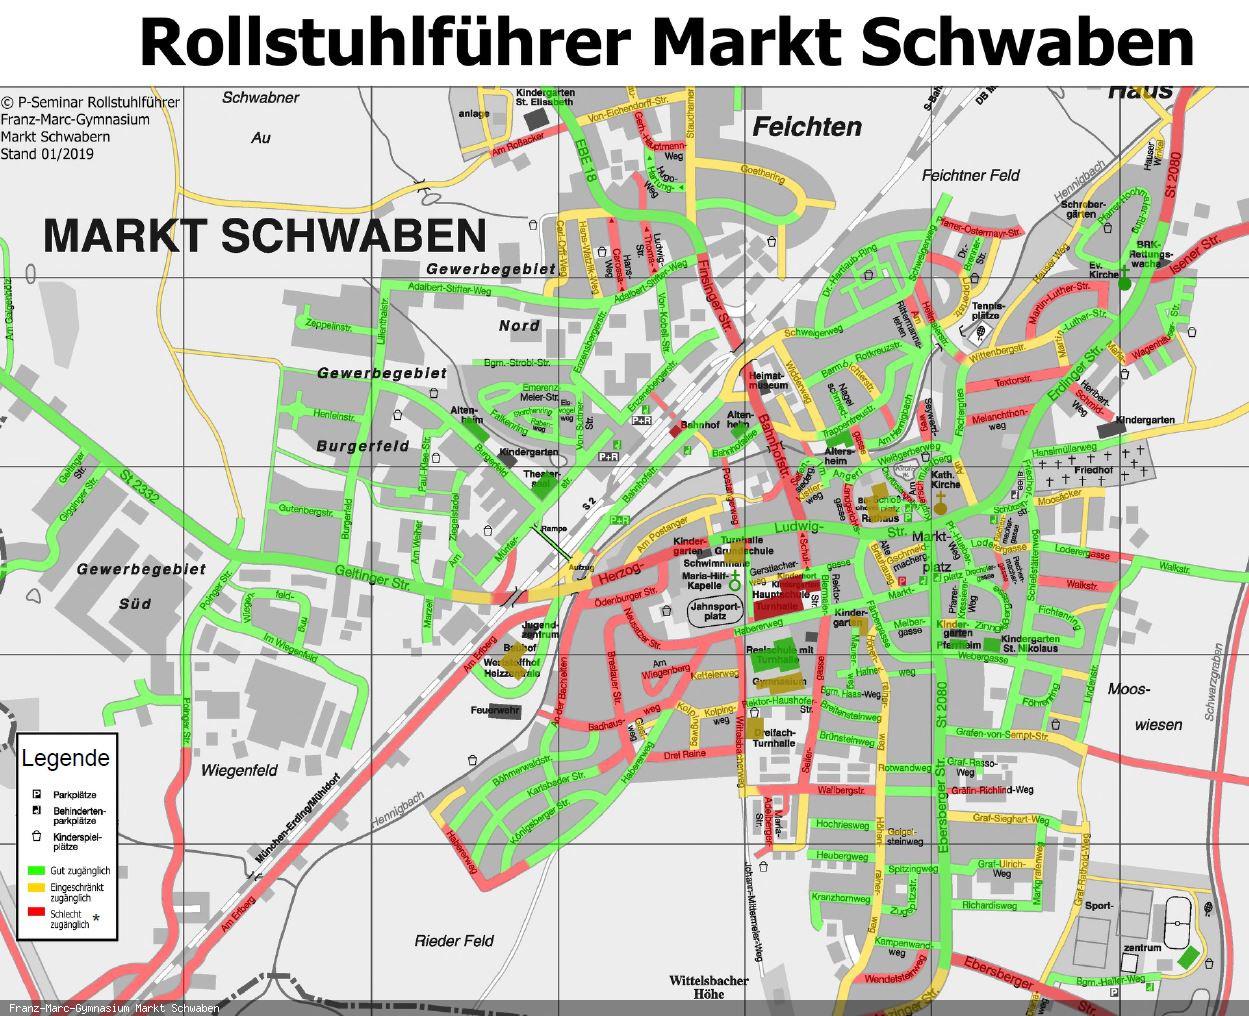 Rollstuhlfuehrer_MarktSchwaben_Ansicht